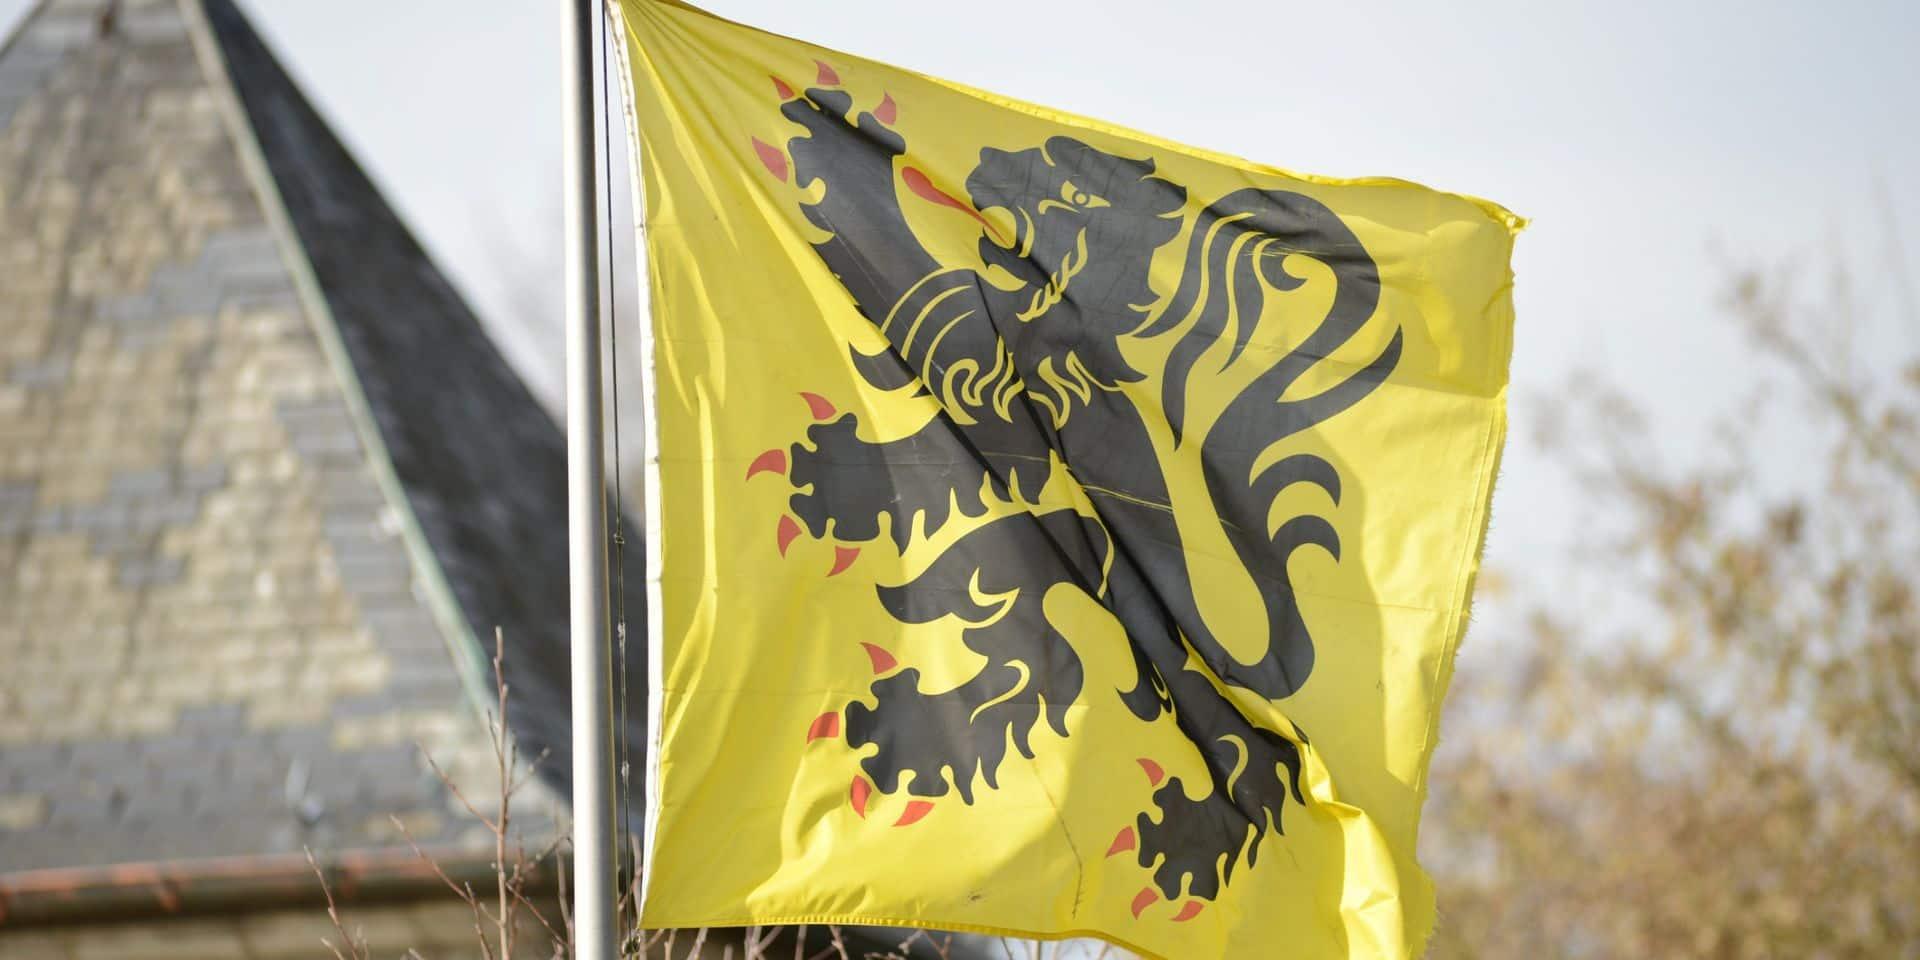 La N-VA ne veut plus que le drapeau belge passe avant le drapeau flamand